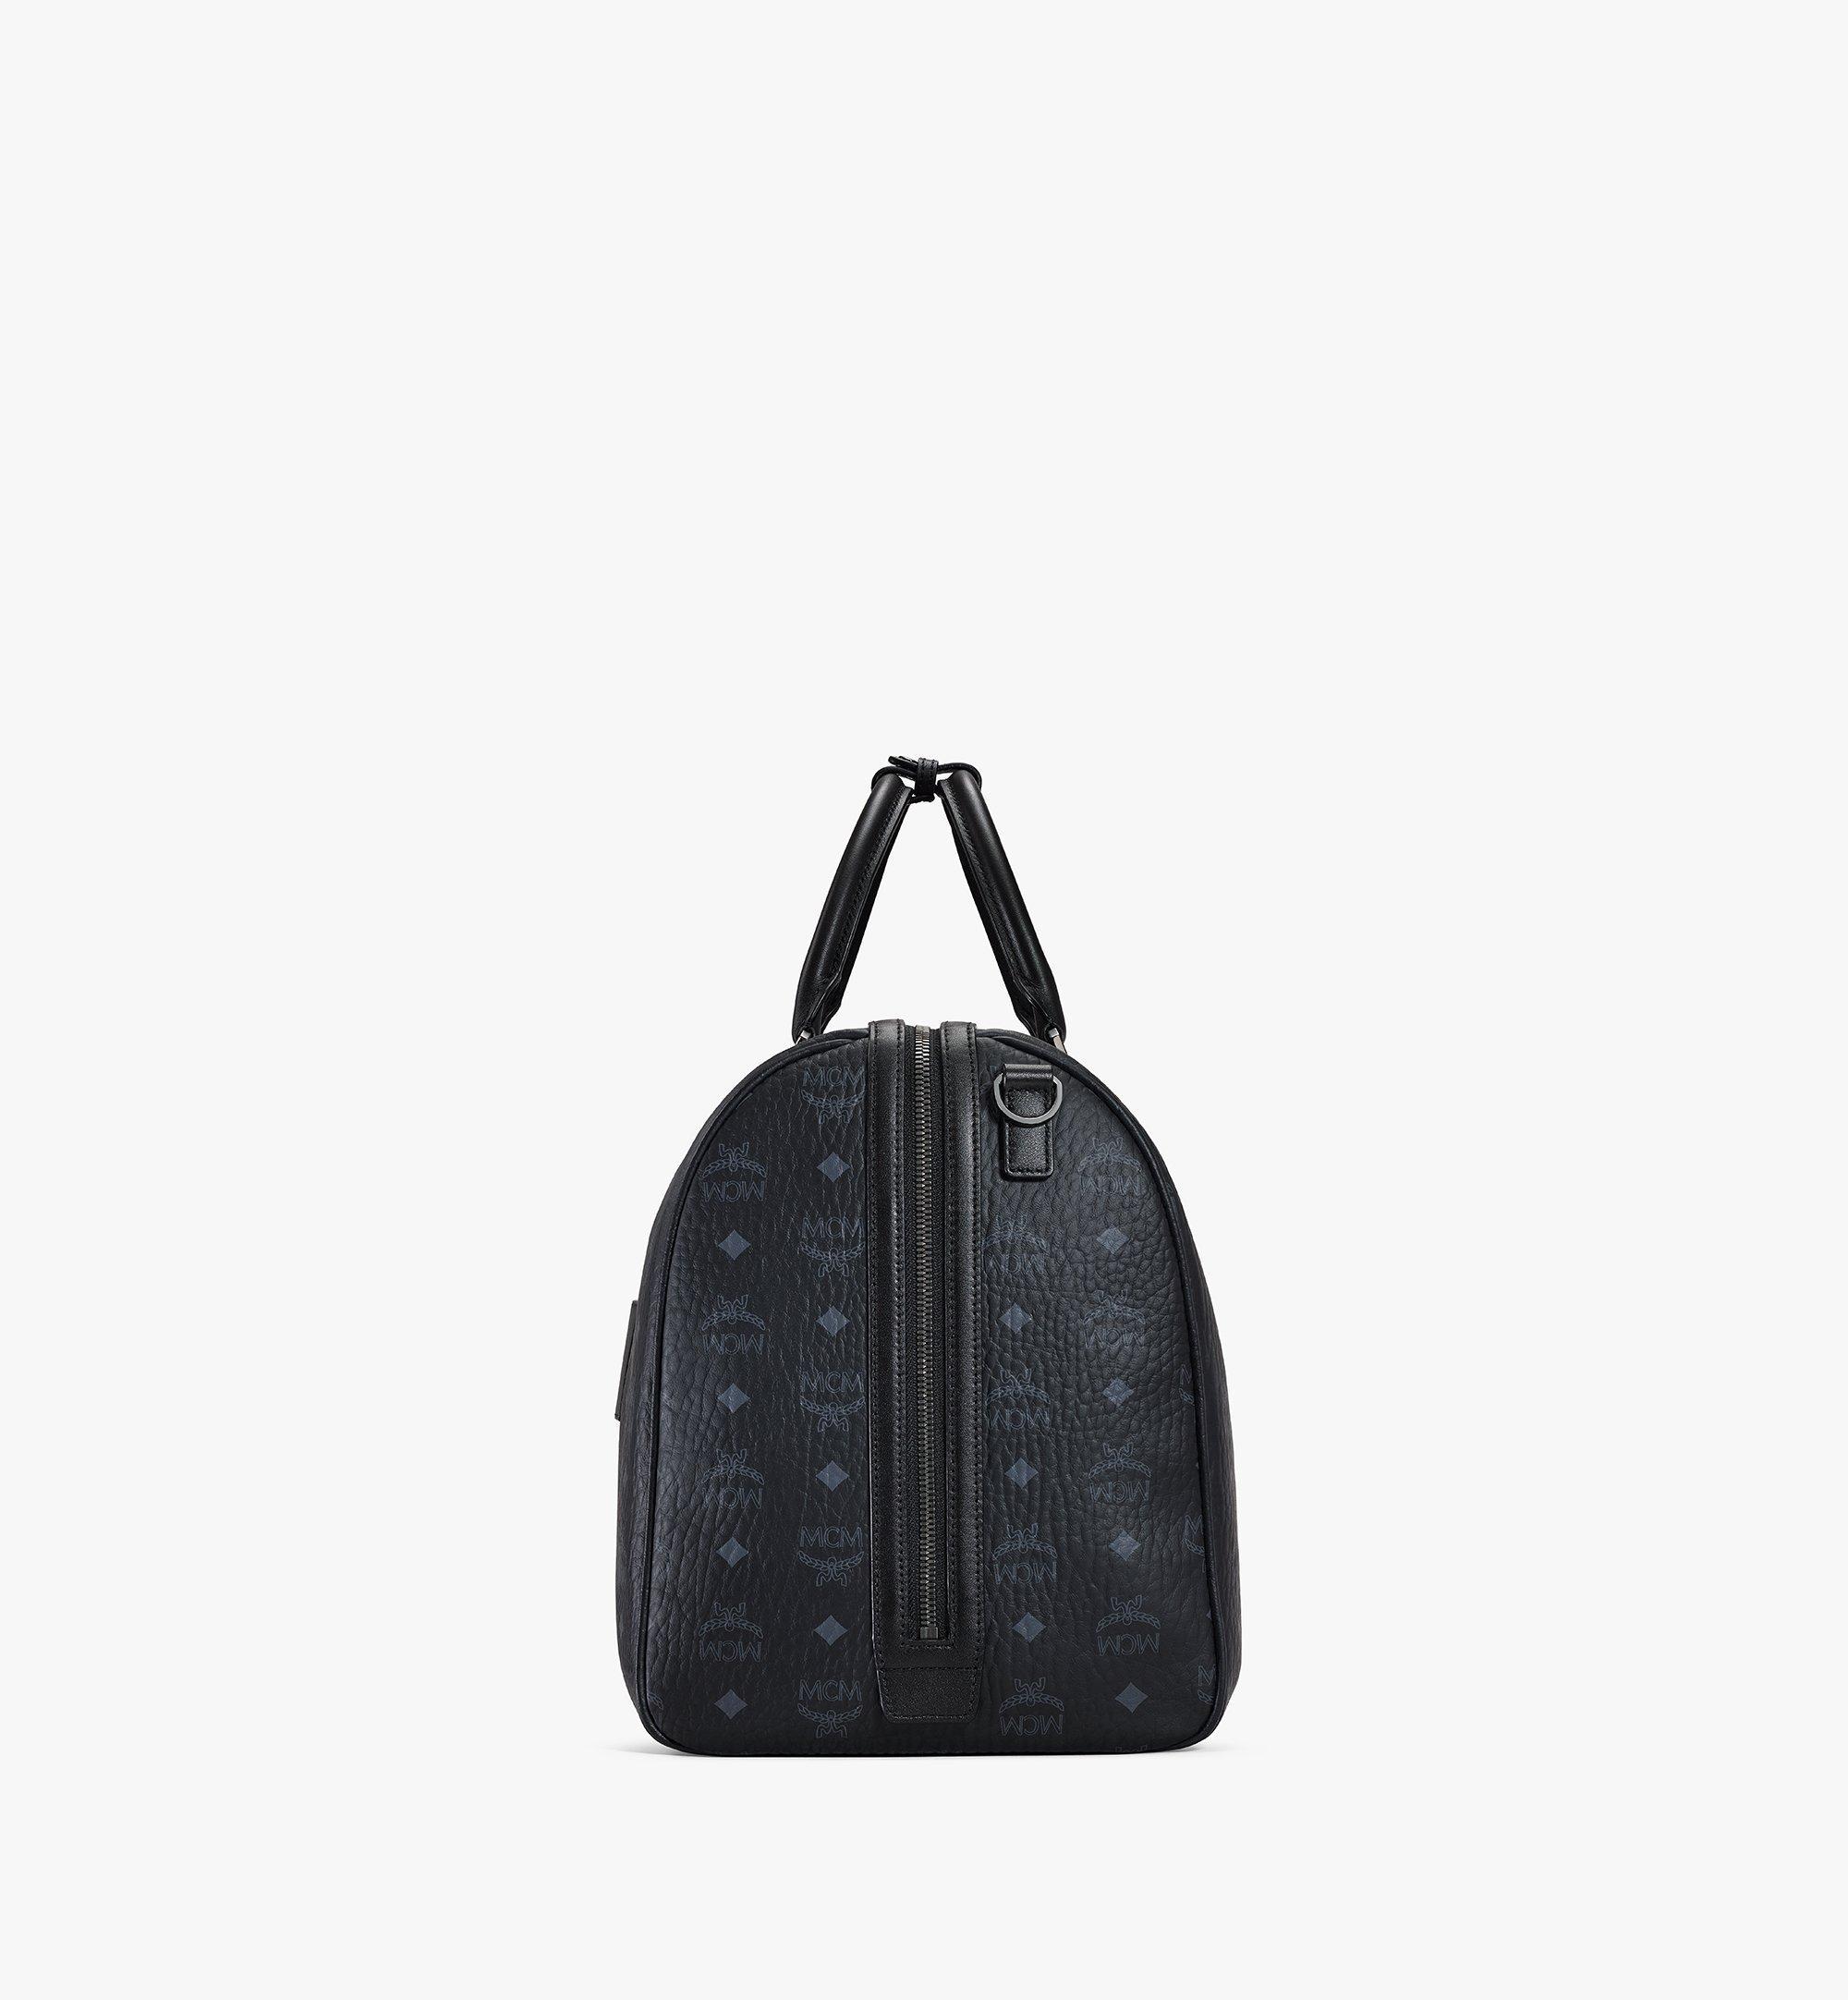 MCM Traveler Weekender Bag in Visetos Black MMVAAVY02BK001 Alternate View 1